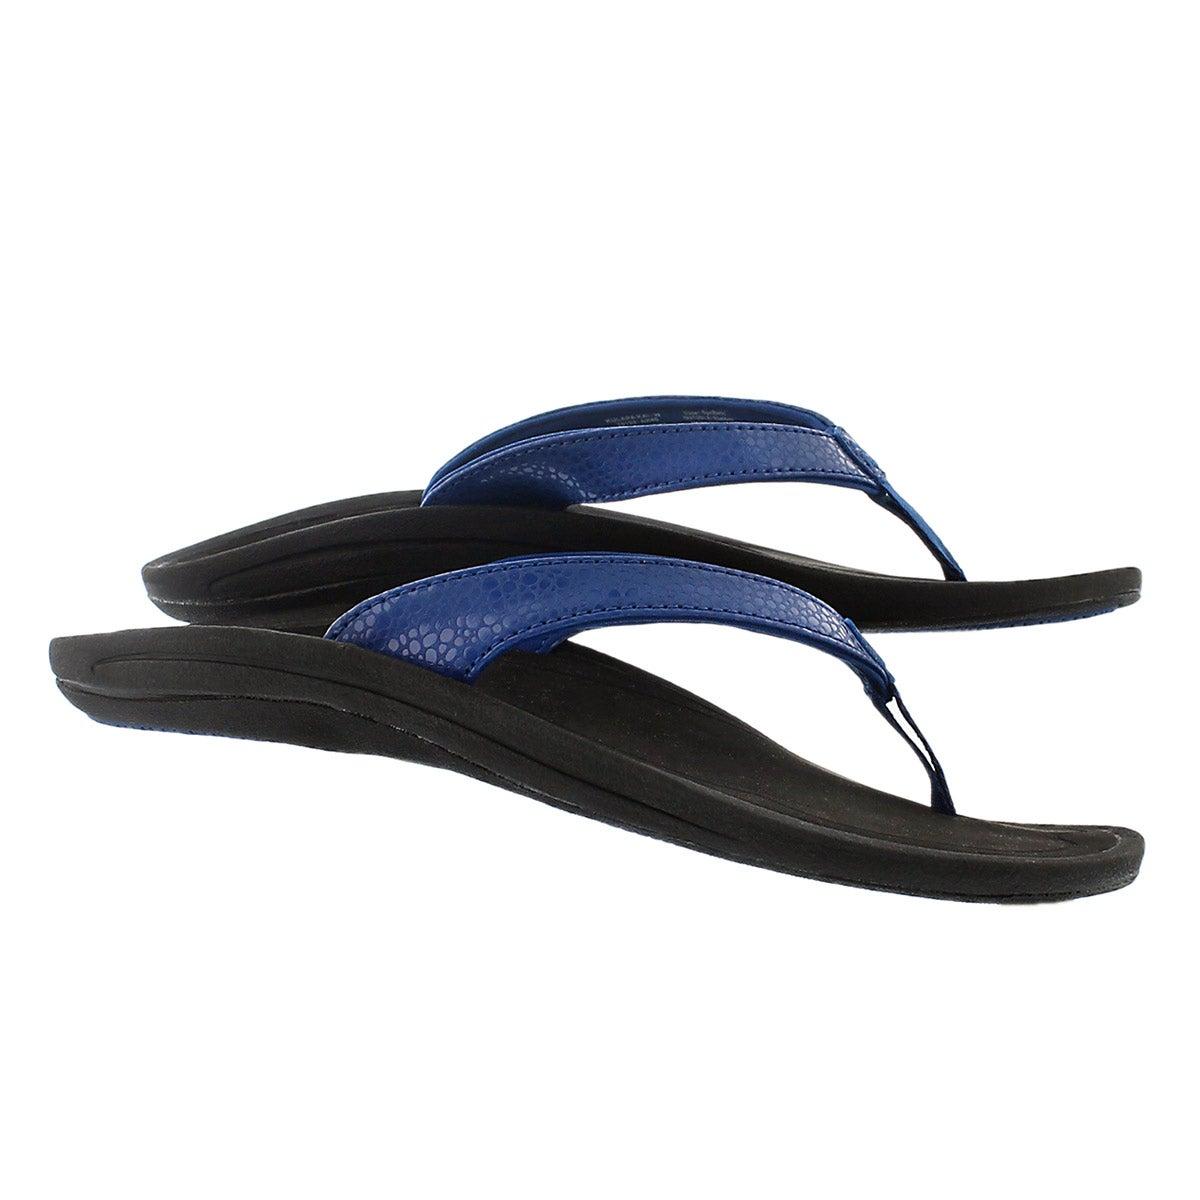 Lds Kulapa Kai blue thong sandal